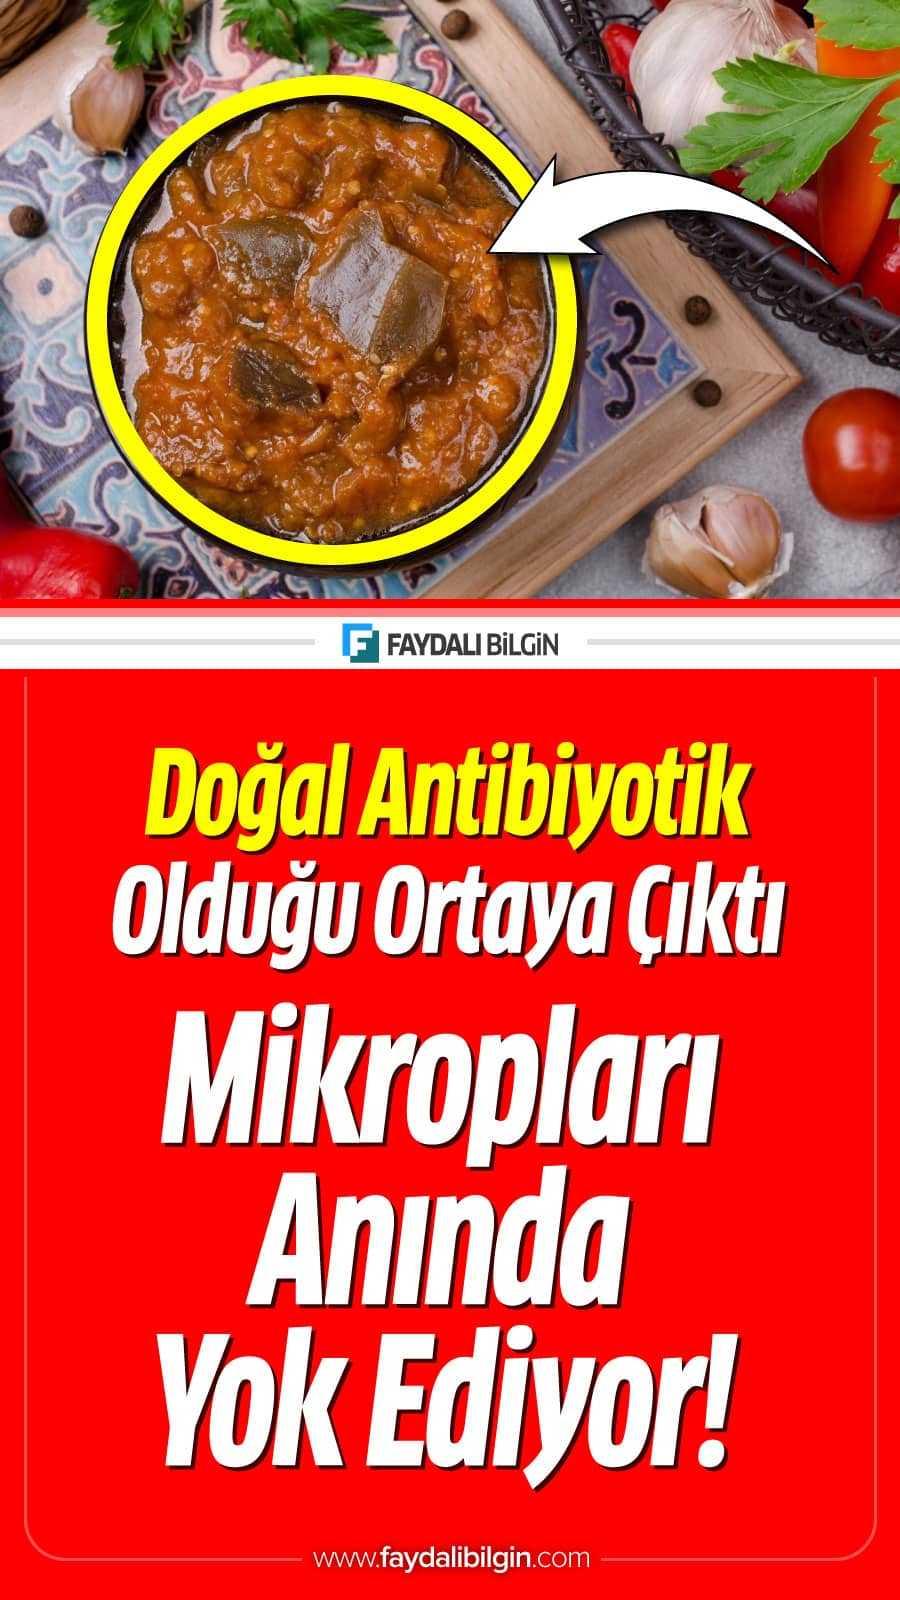 Doğal Antibiyotik özelliği olan Besinler